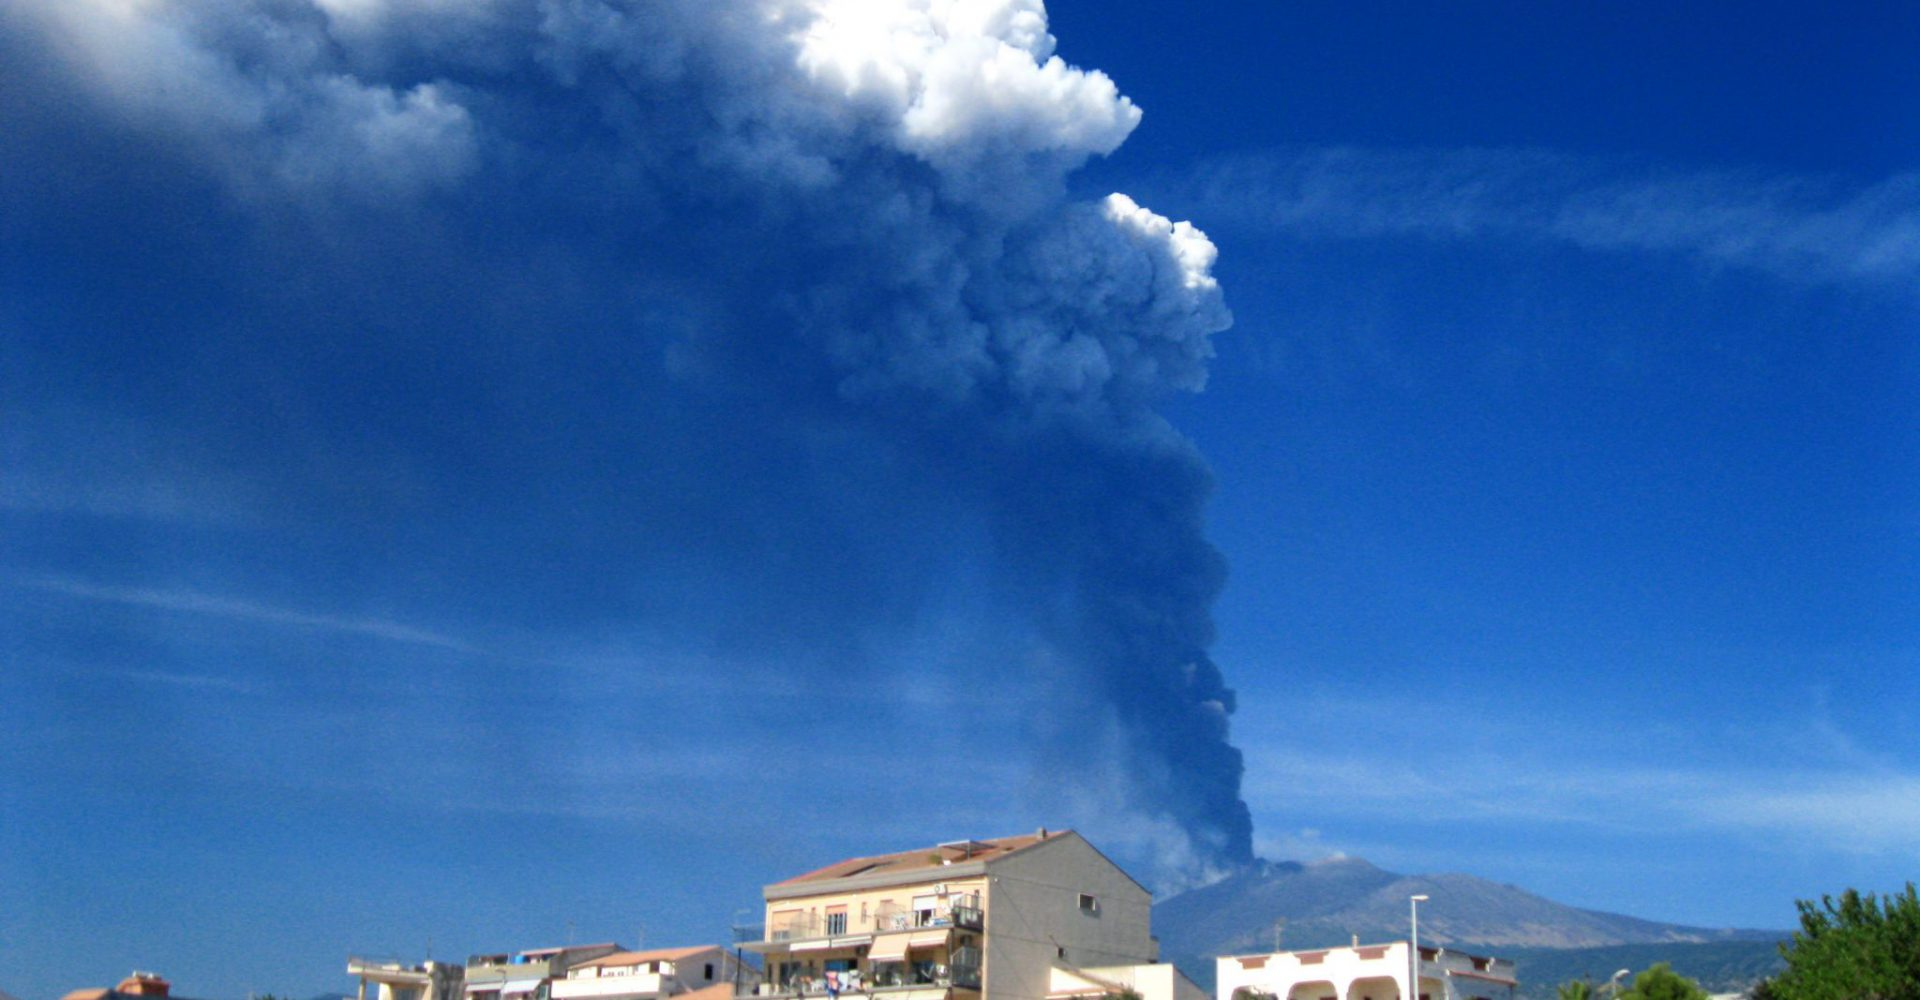 Czy Etna jest niebezpieczna?